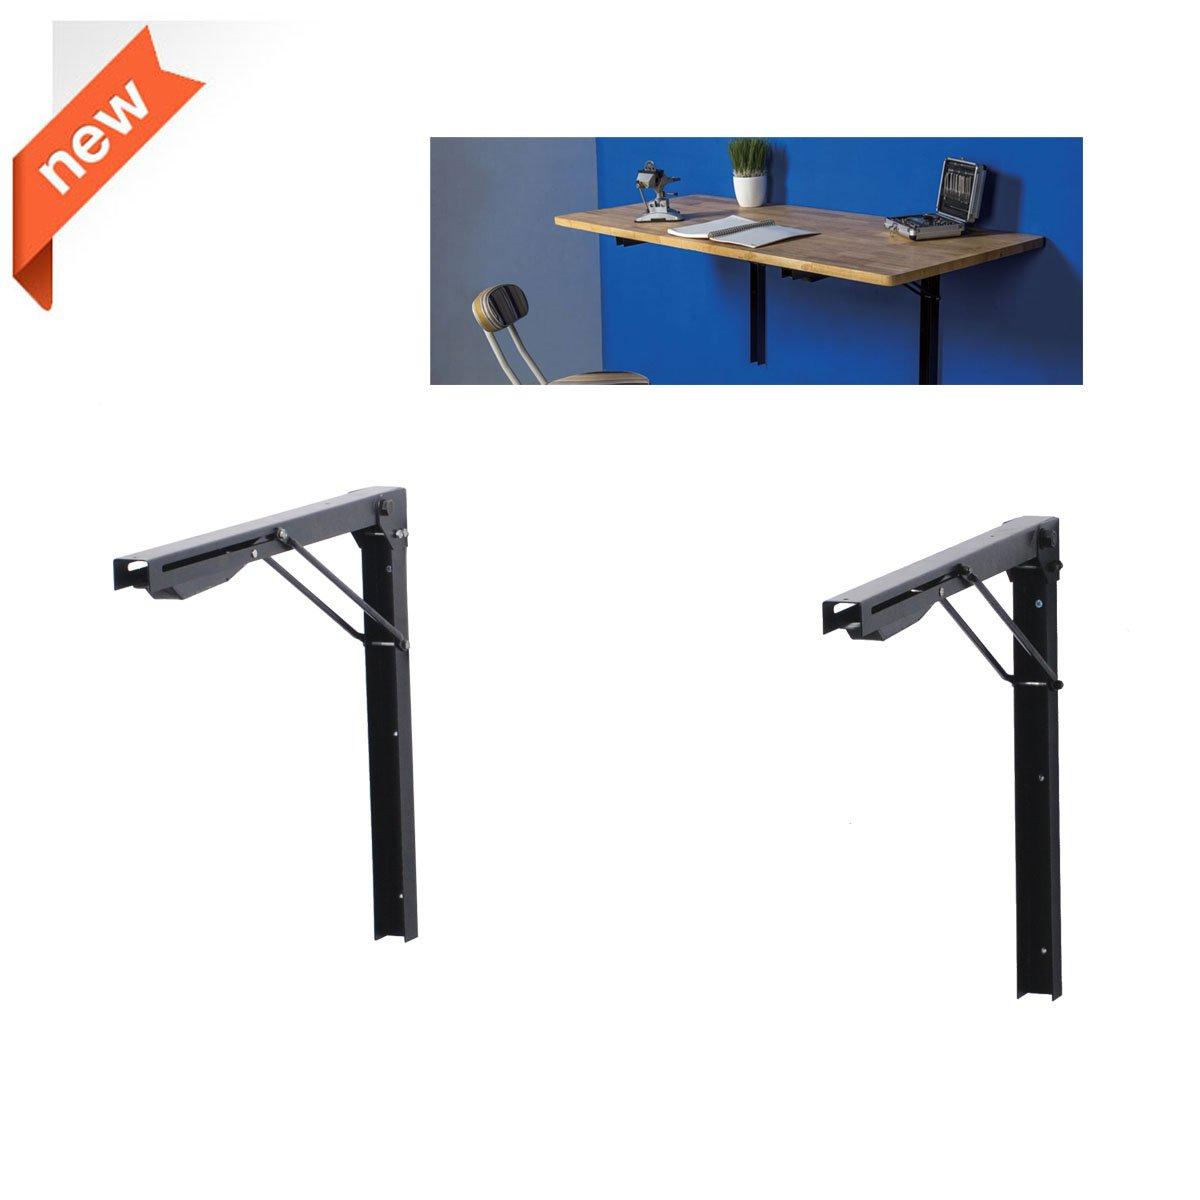 Ultrawall Shelf Brackets, Heavy Duty Adjustable Folding Shelf Workbench Supports,Foldable Bracket